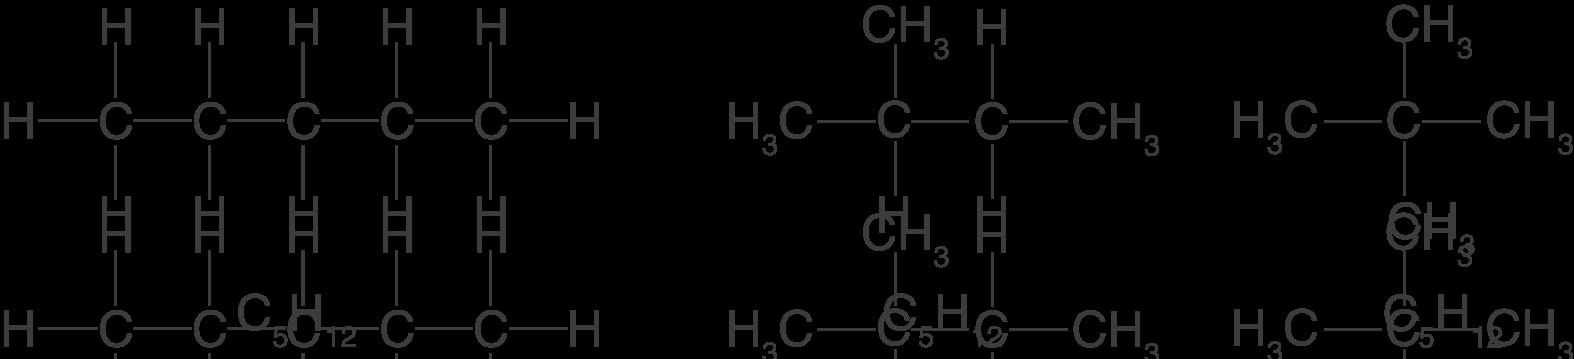 Kompetenzraster Chemie